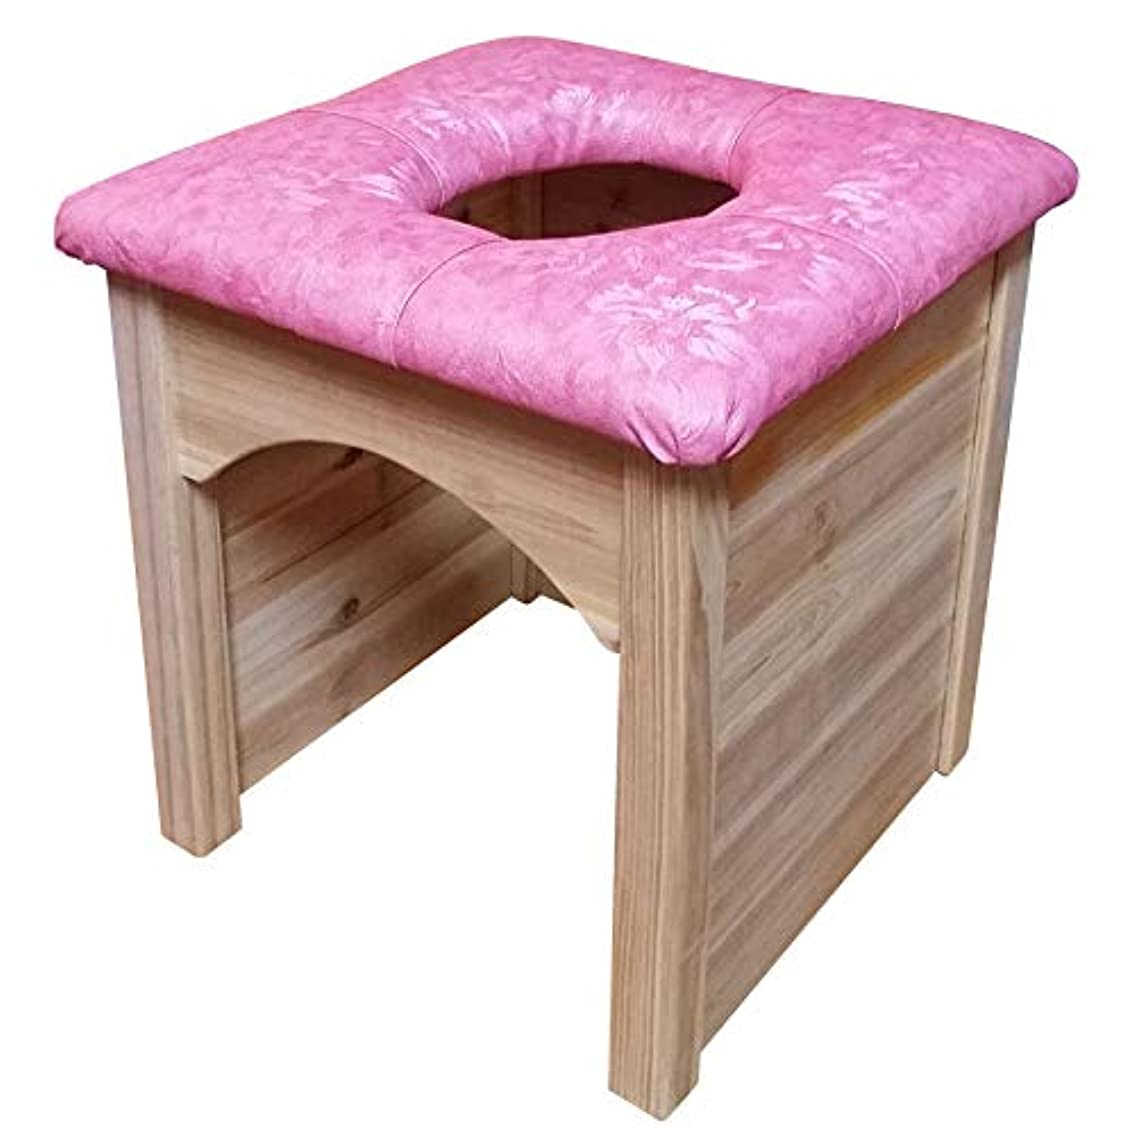 相関する討論慣性正品、、お勧めの、ヨモギ蒸し椅子セット、よもぎ蒸し椅子 単品